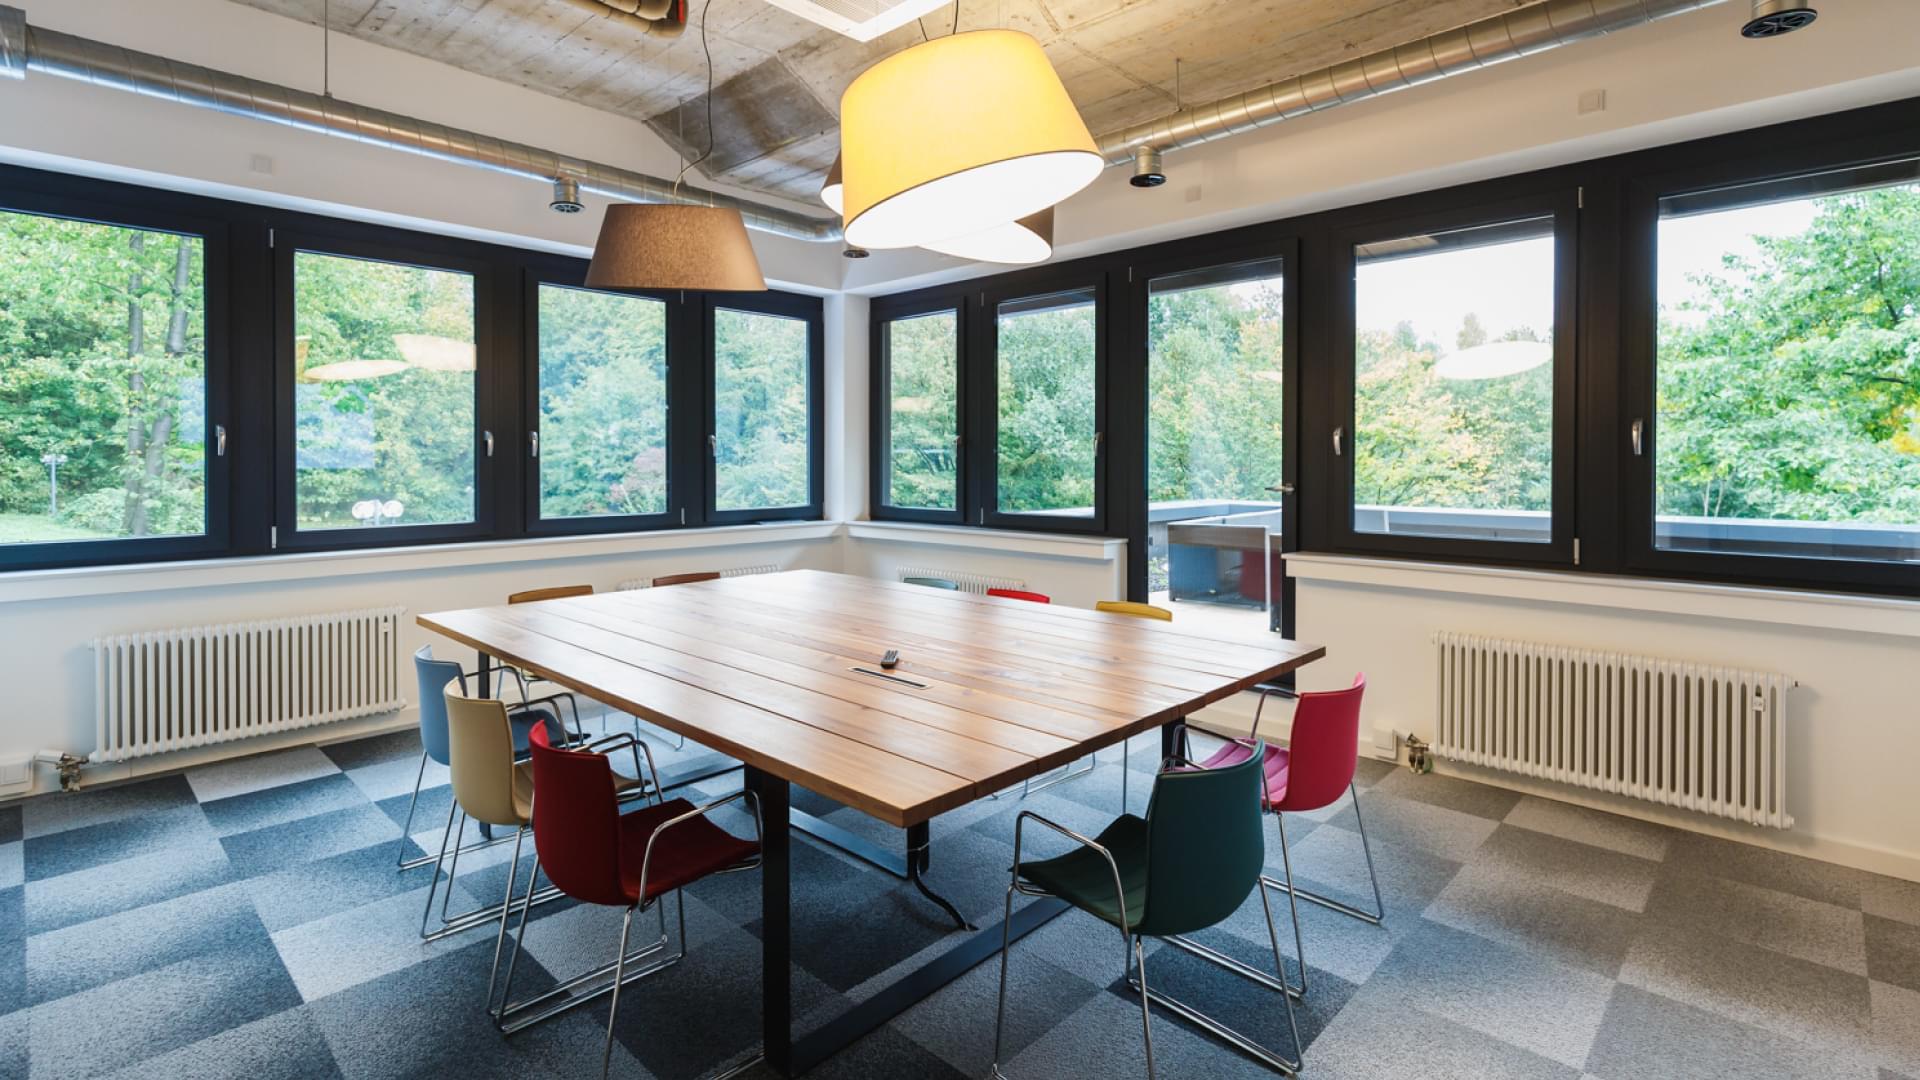 Büro Glück Auf Immobilien GmbH - Bild 05